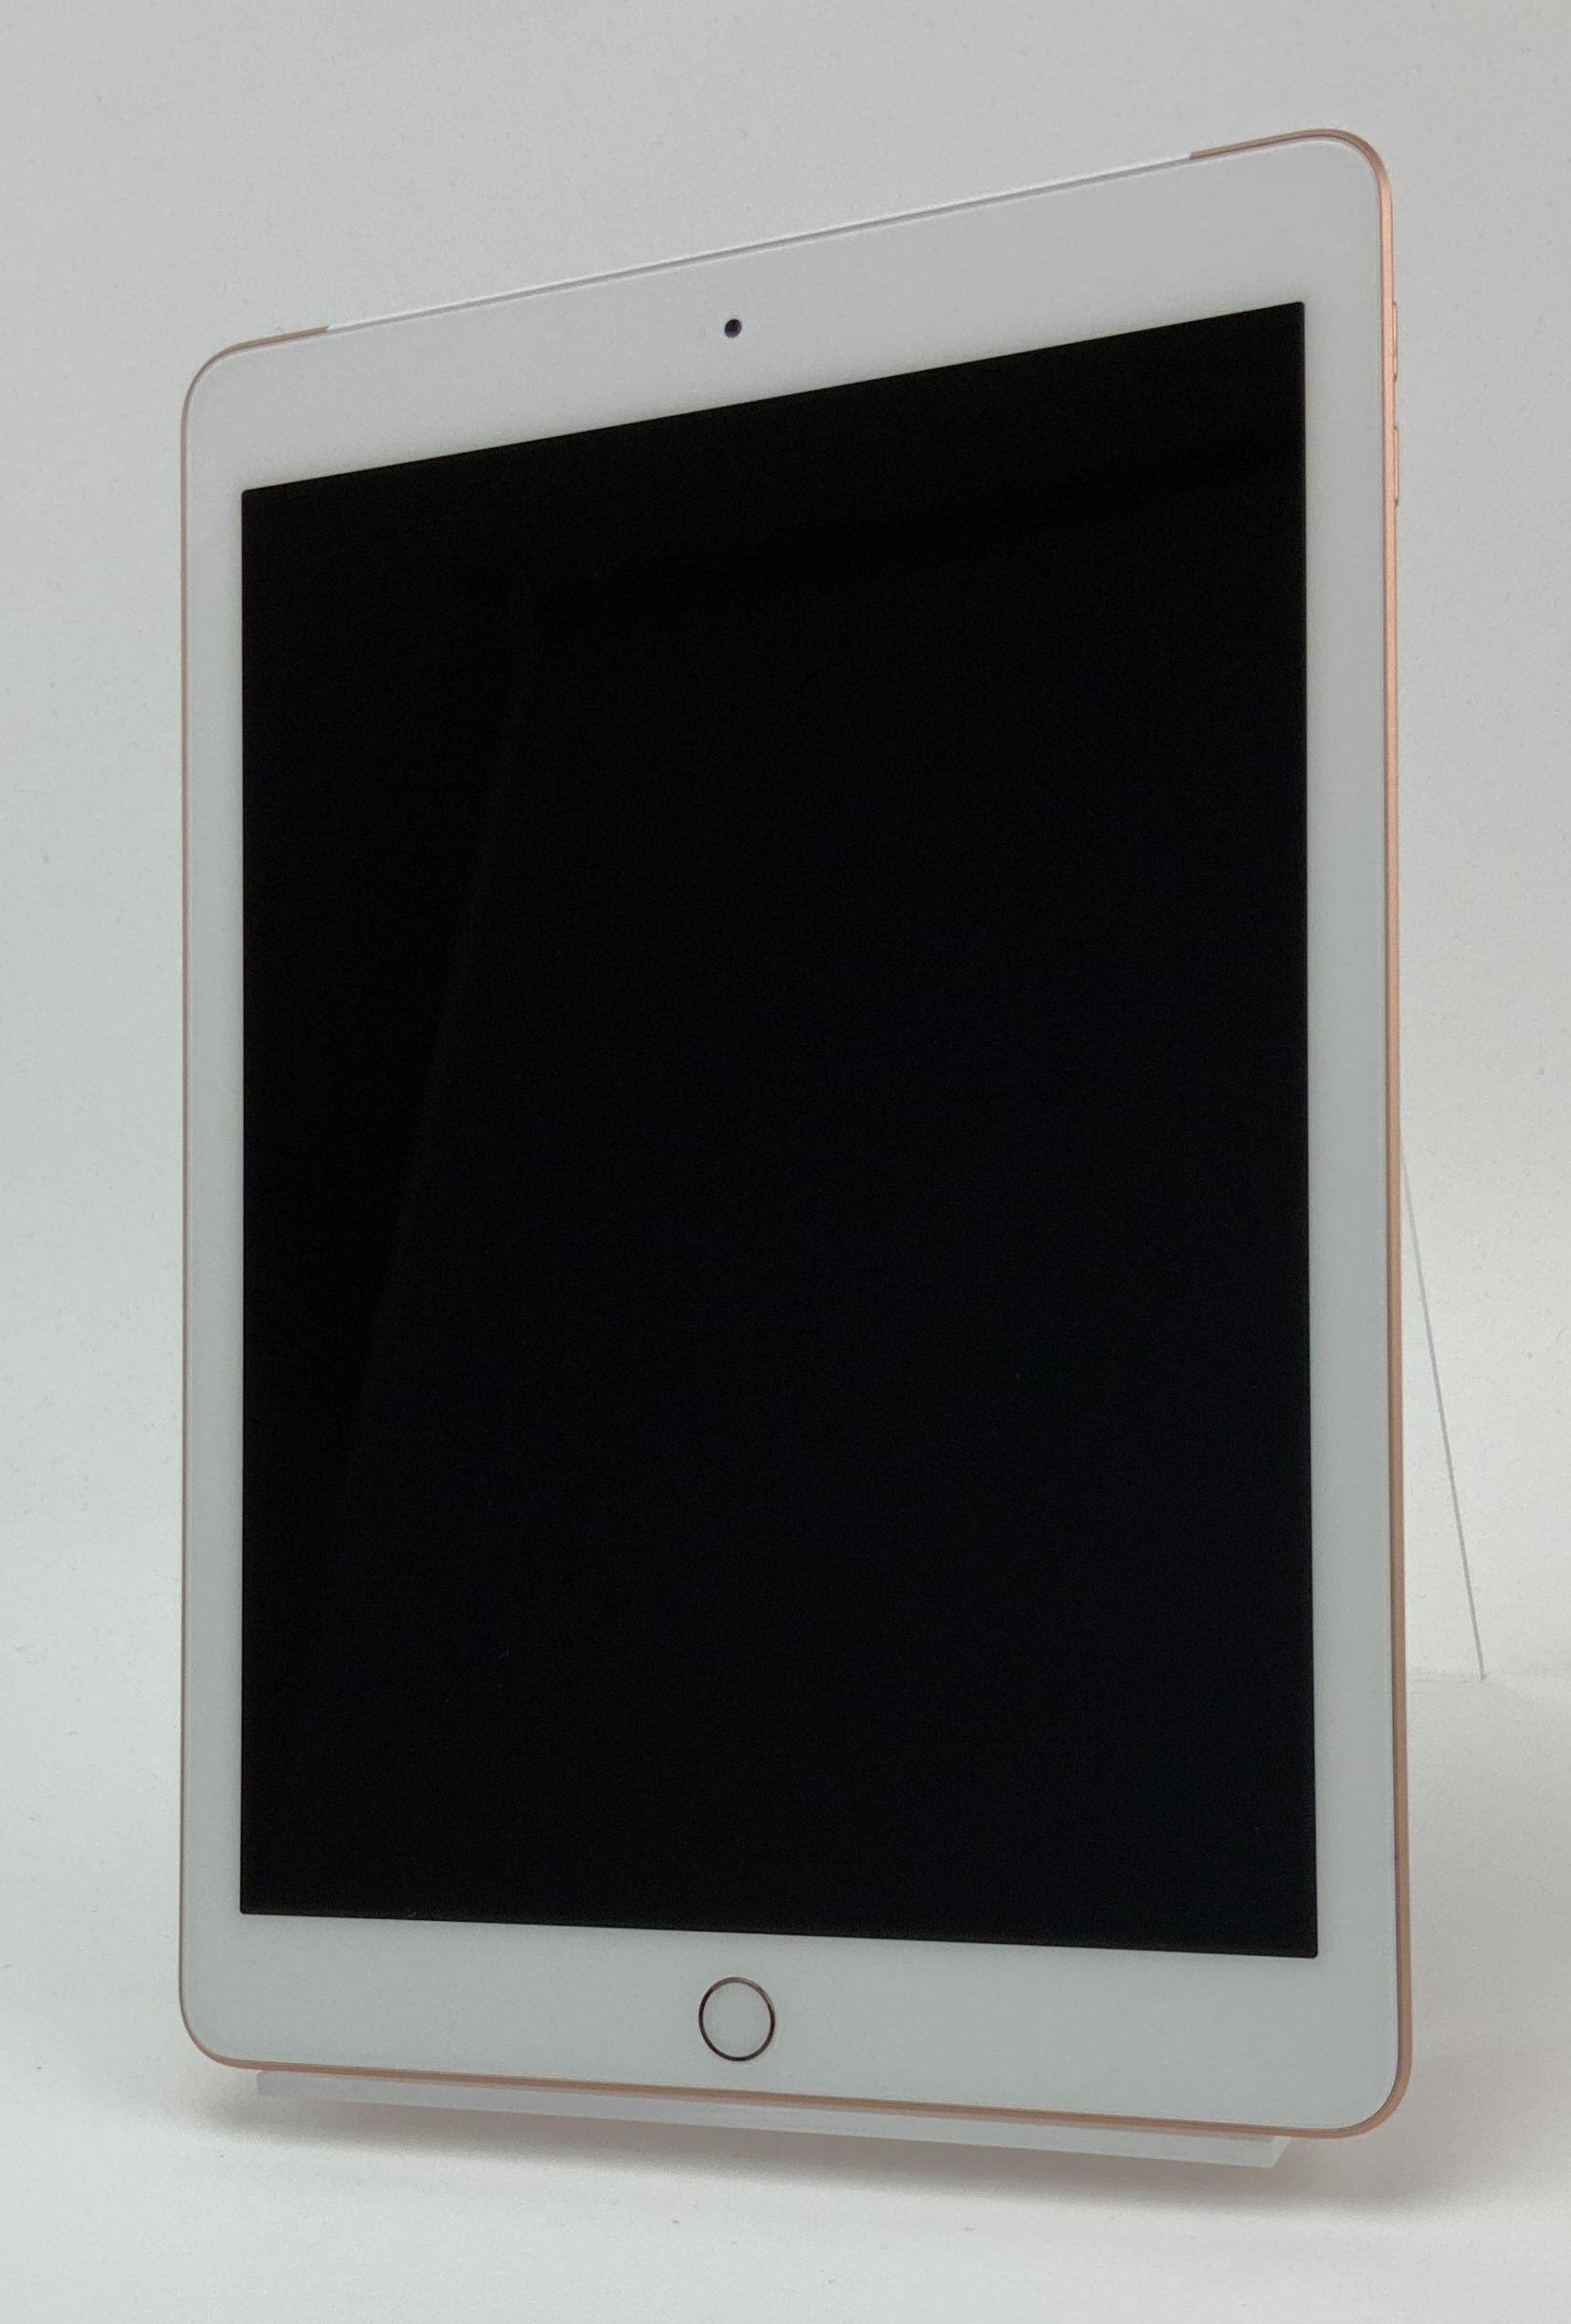 iPad 6 Wi-Fi + Cellular 32GB, 32GB, Gold, immagine 1